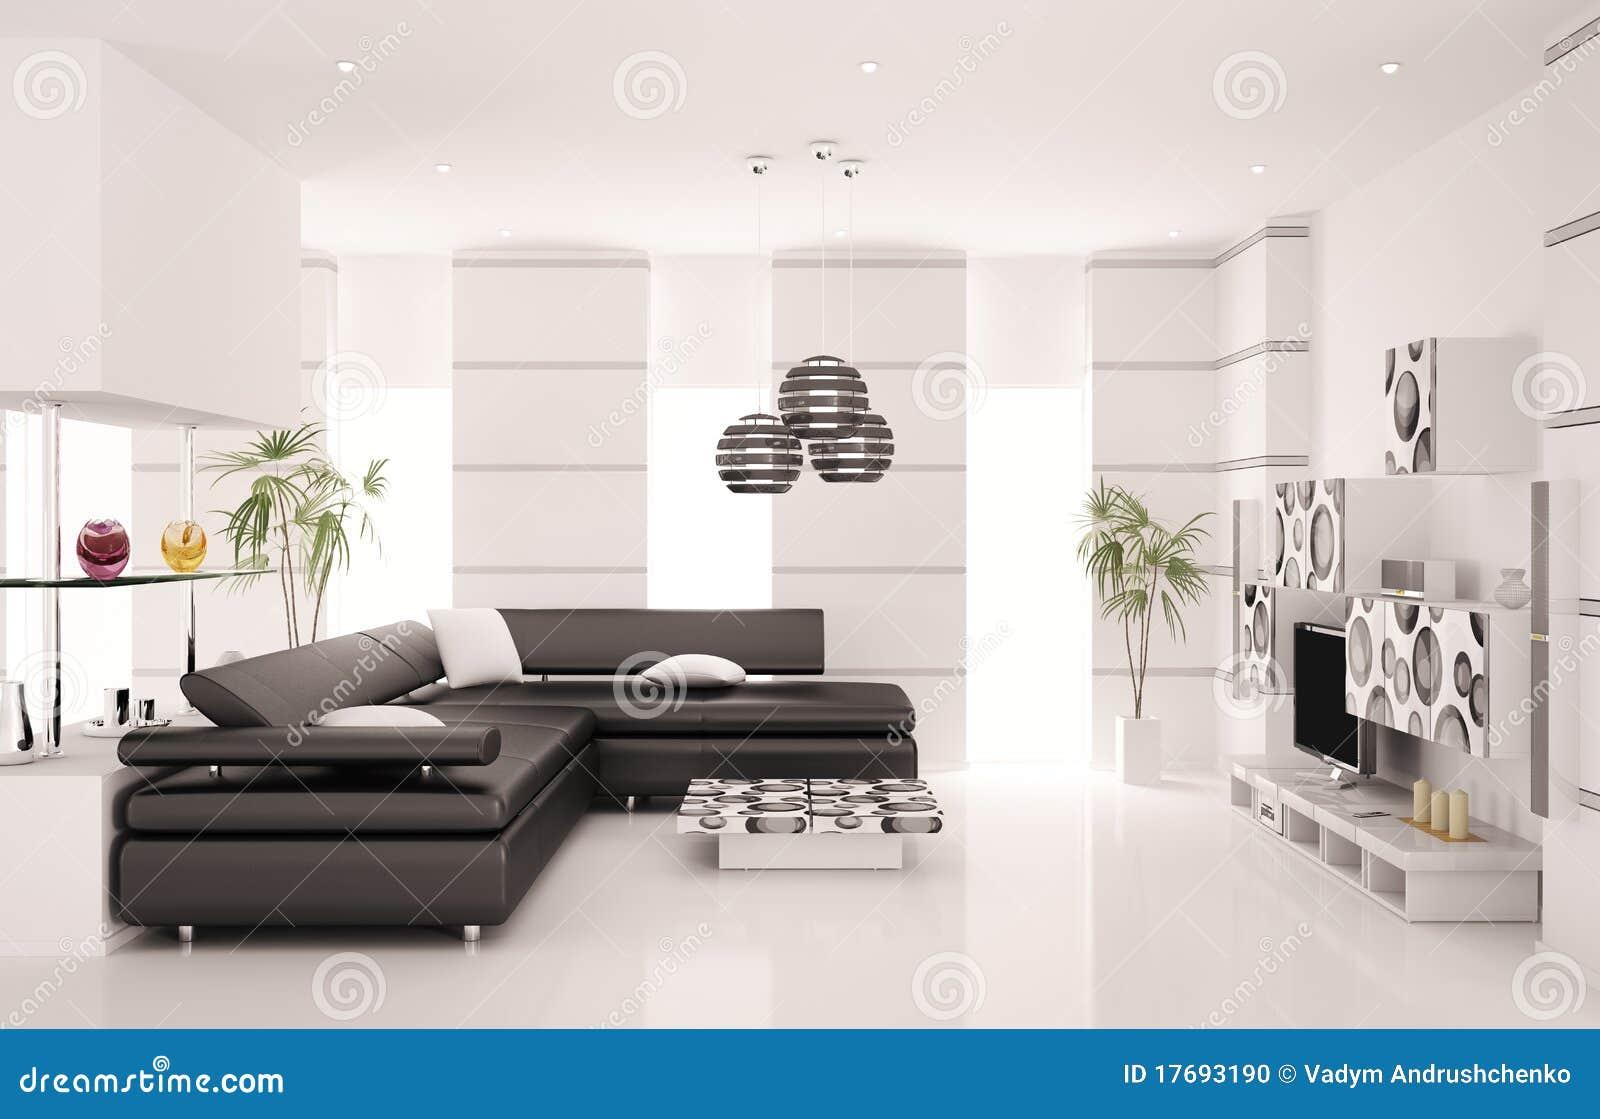 La salle de s jour moderne 3d int rieur rendent photo for Decoration interieur salle de sejour